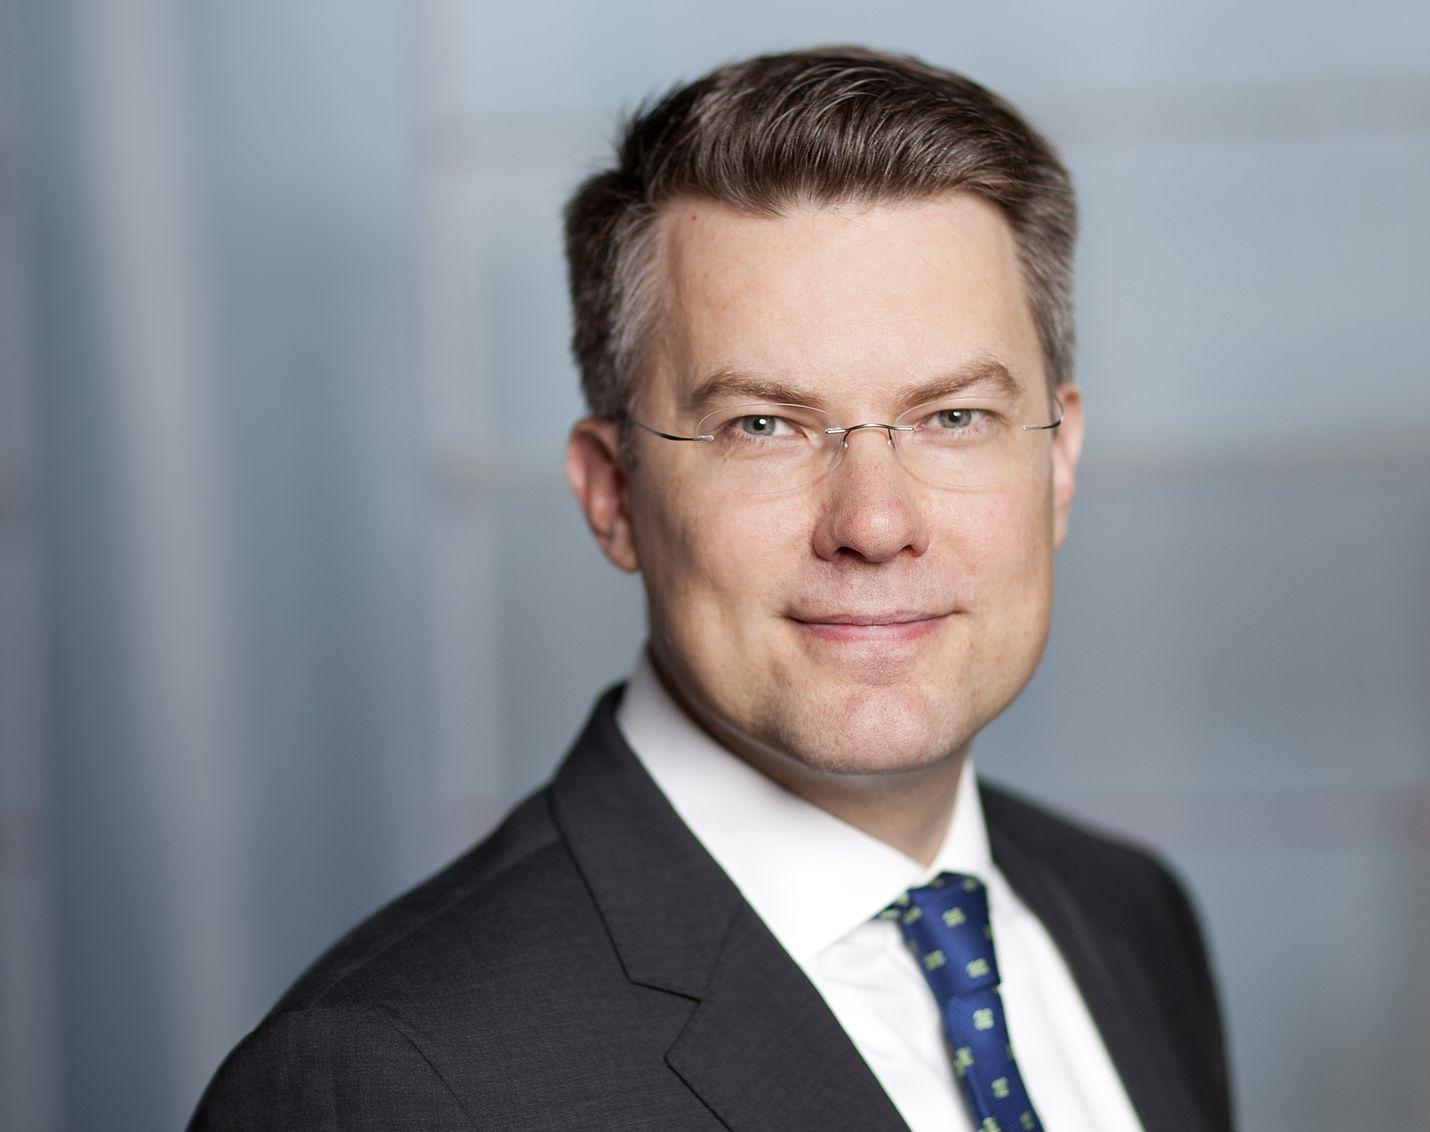 Toimitusjohtaja Toni Hemminki jättää ydinenergiayhtiö Fennovoiman ja siirtyy osakkaaksi energia-alan kasvuyhtiöön Wegaan.